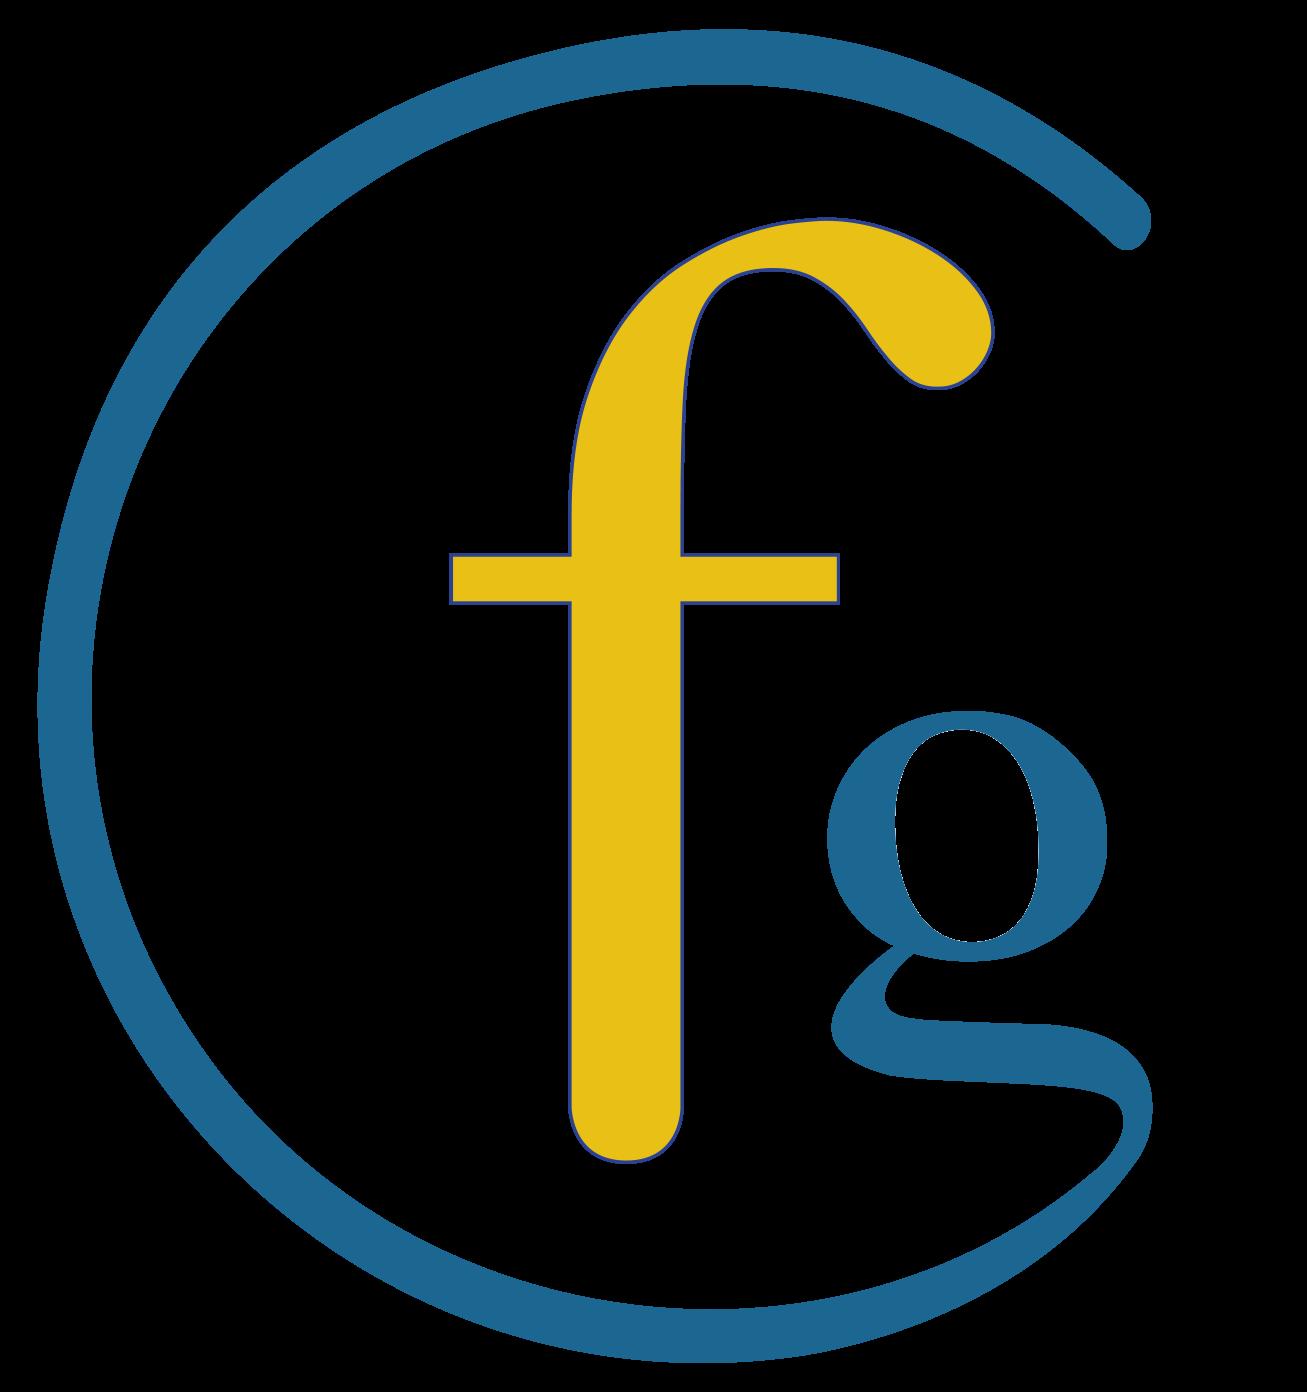 Logotipo Con Félix Gracia